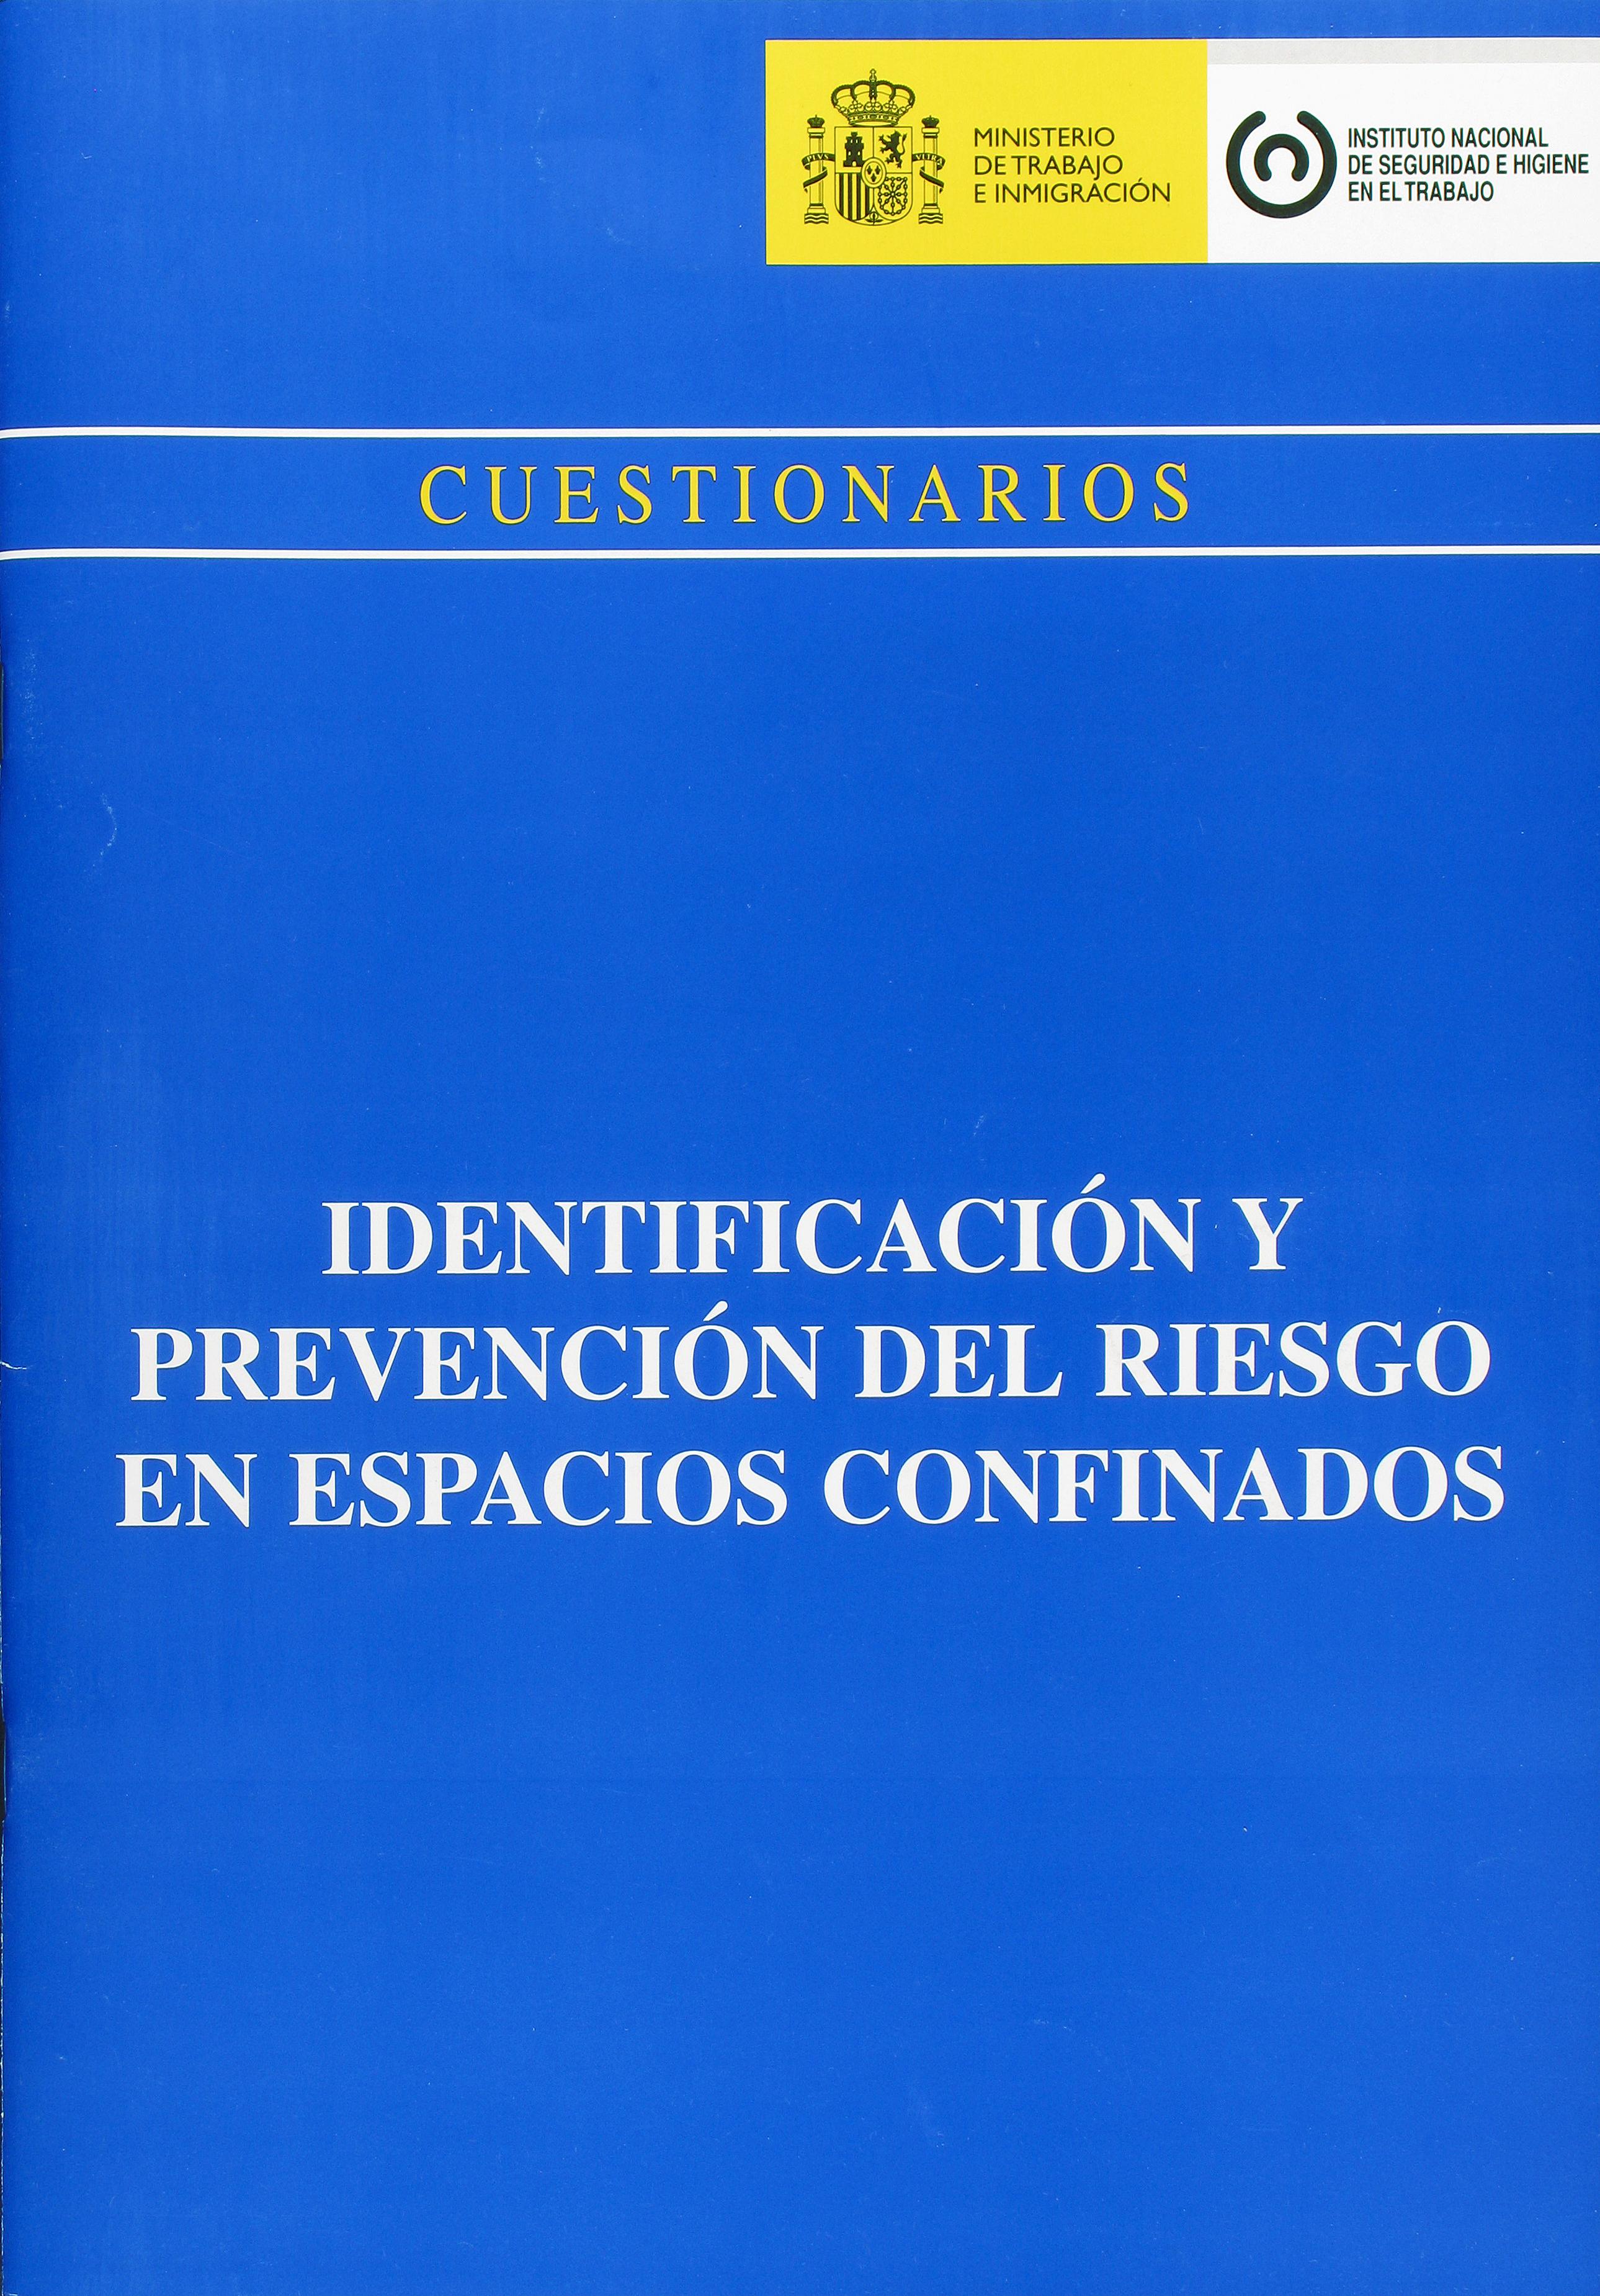 Identificación y prevención del riesgo en espacios confinados - Año 2008